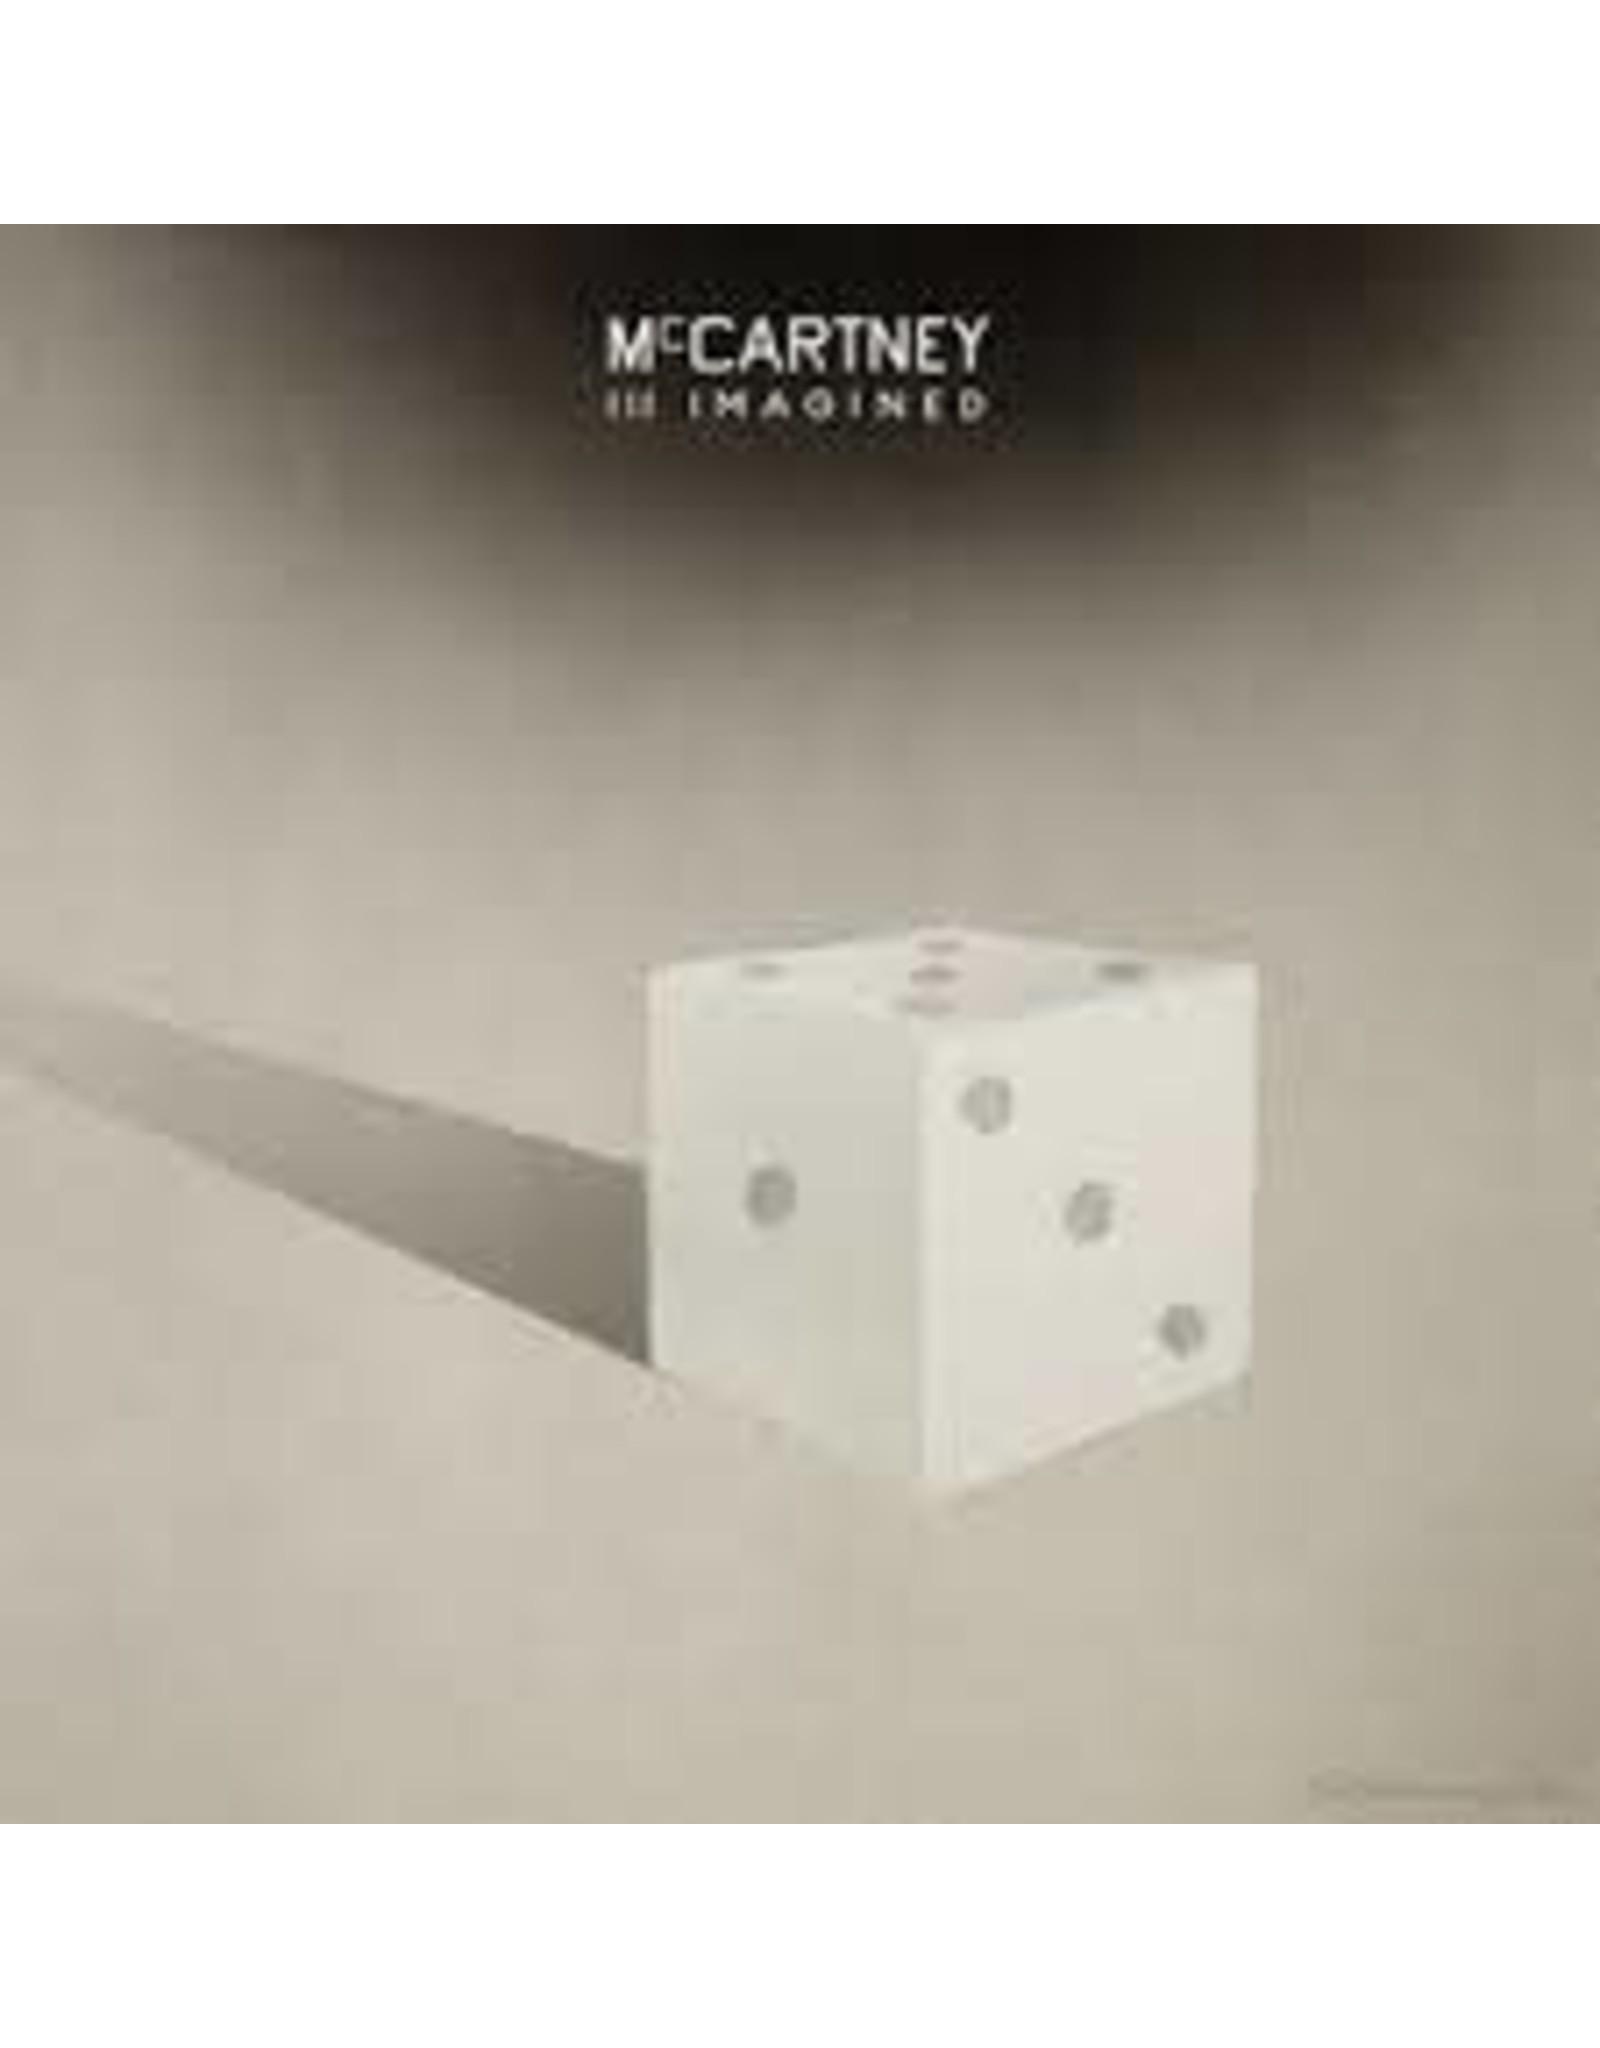 McCartney, Paul - III Imagined